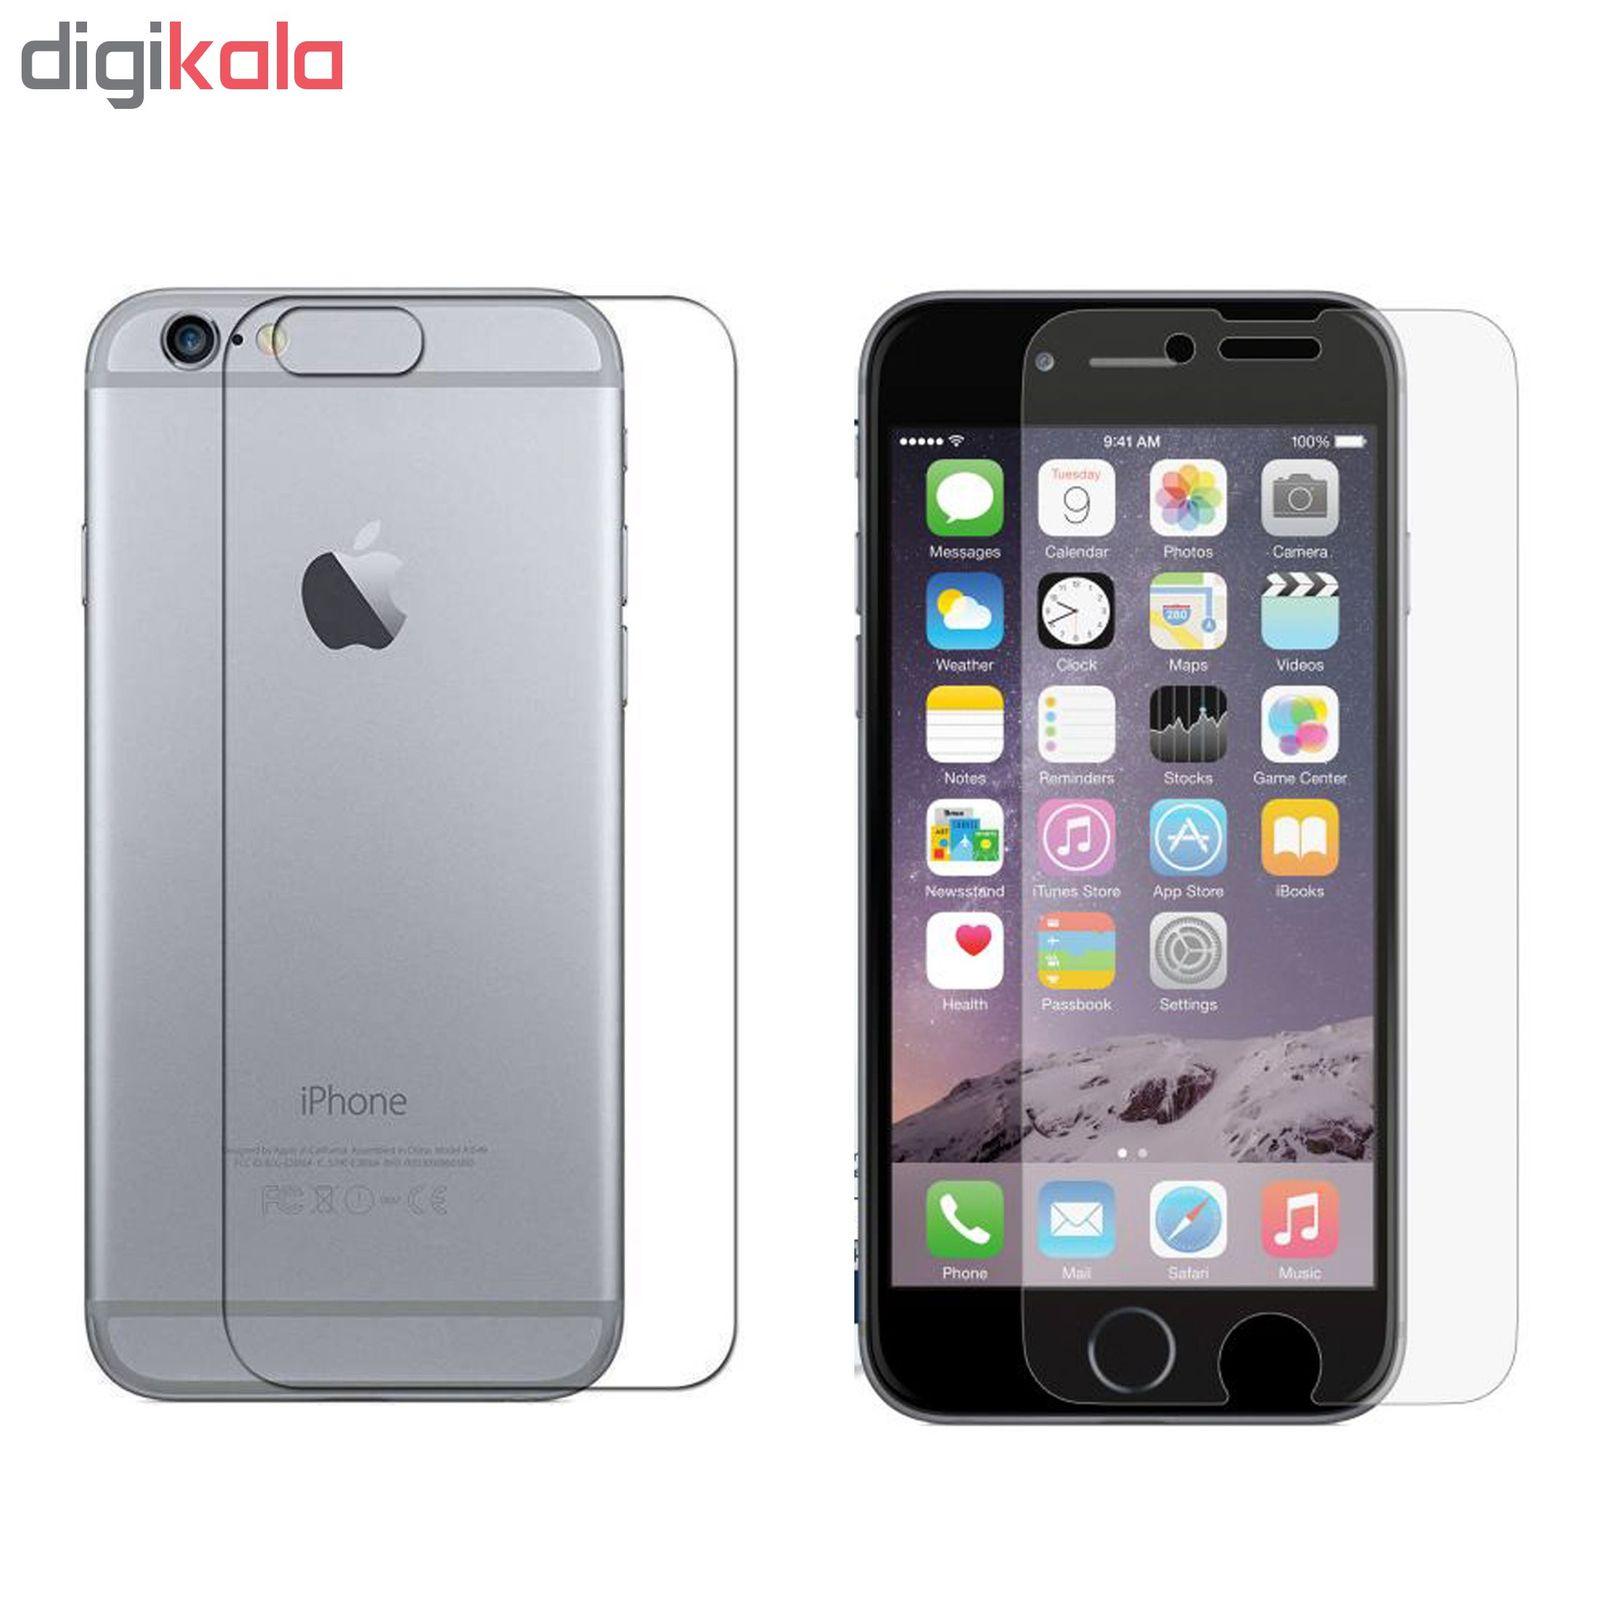 محافظ صفحه نمایش و پشت گوشی مدل Tm-01 مناسب برای گوشی موبایل اپل Iphone 6/ 6s main 1 1